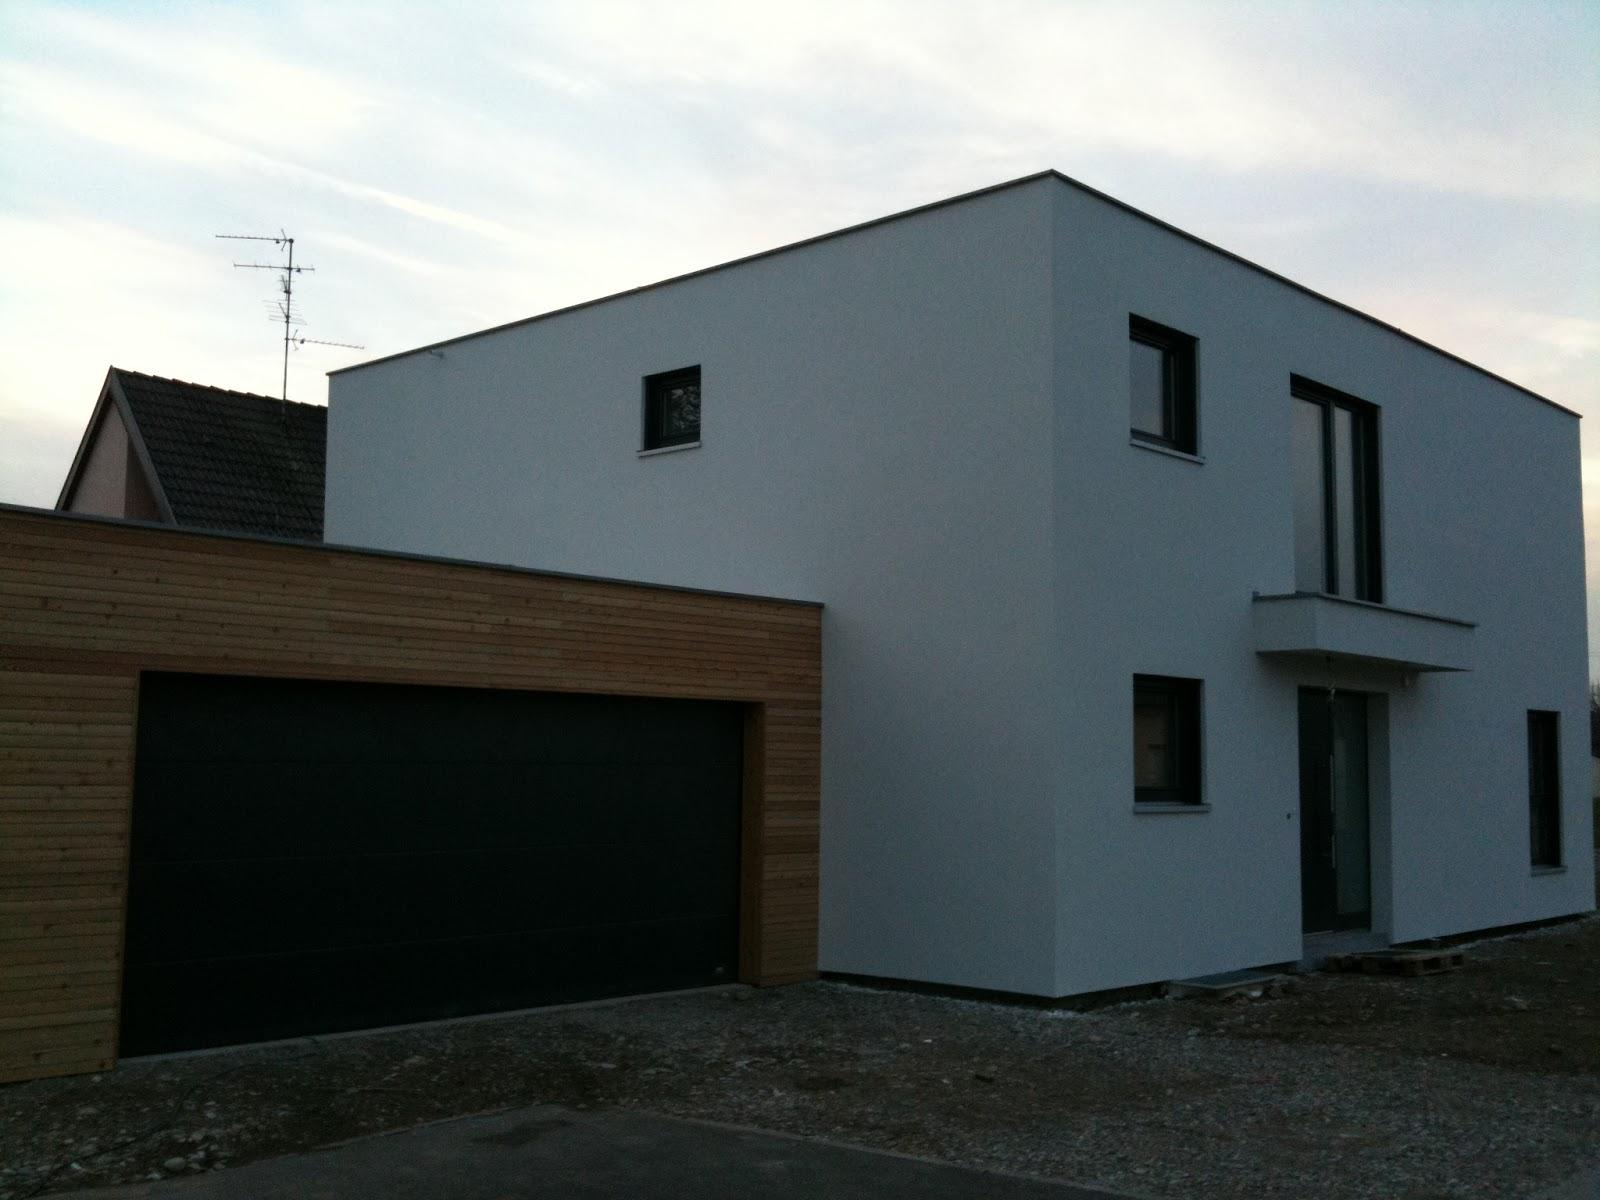 Maison ossature bois en alsace for Ossature bois alsace